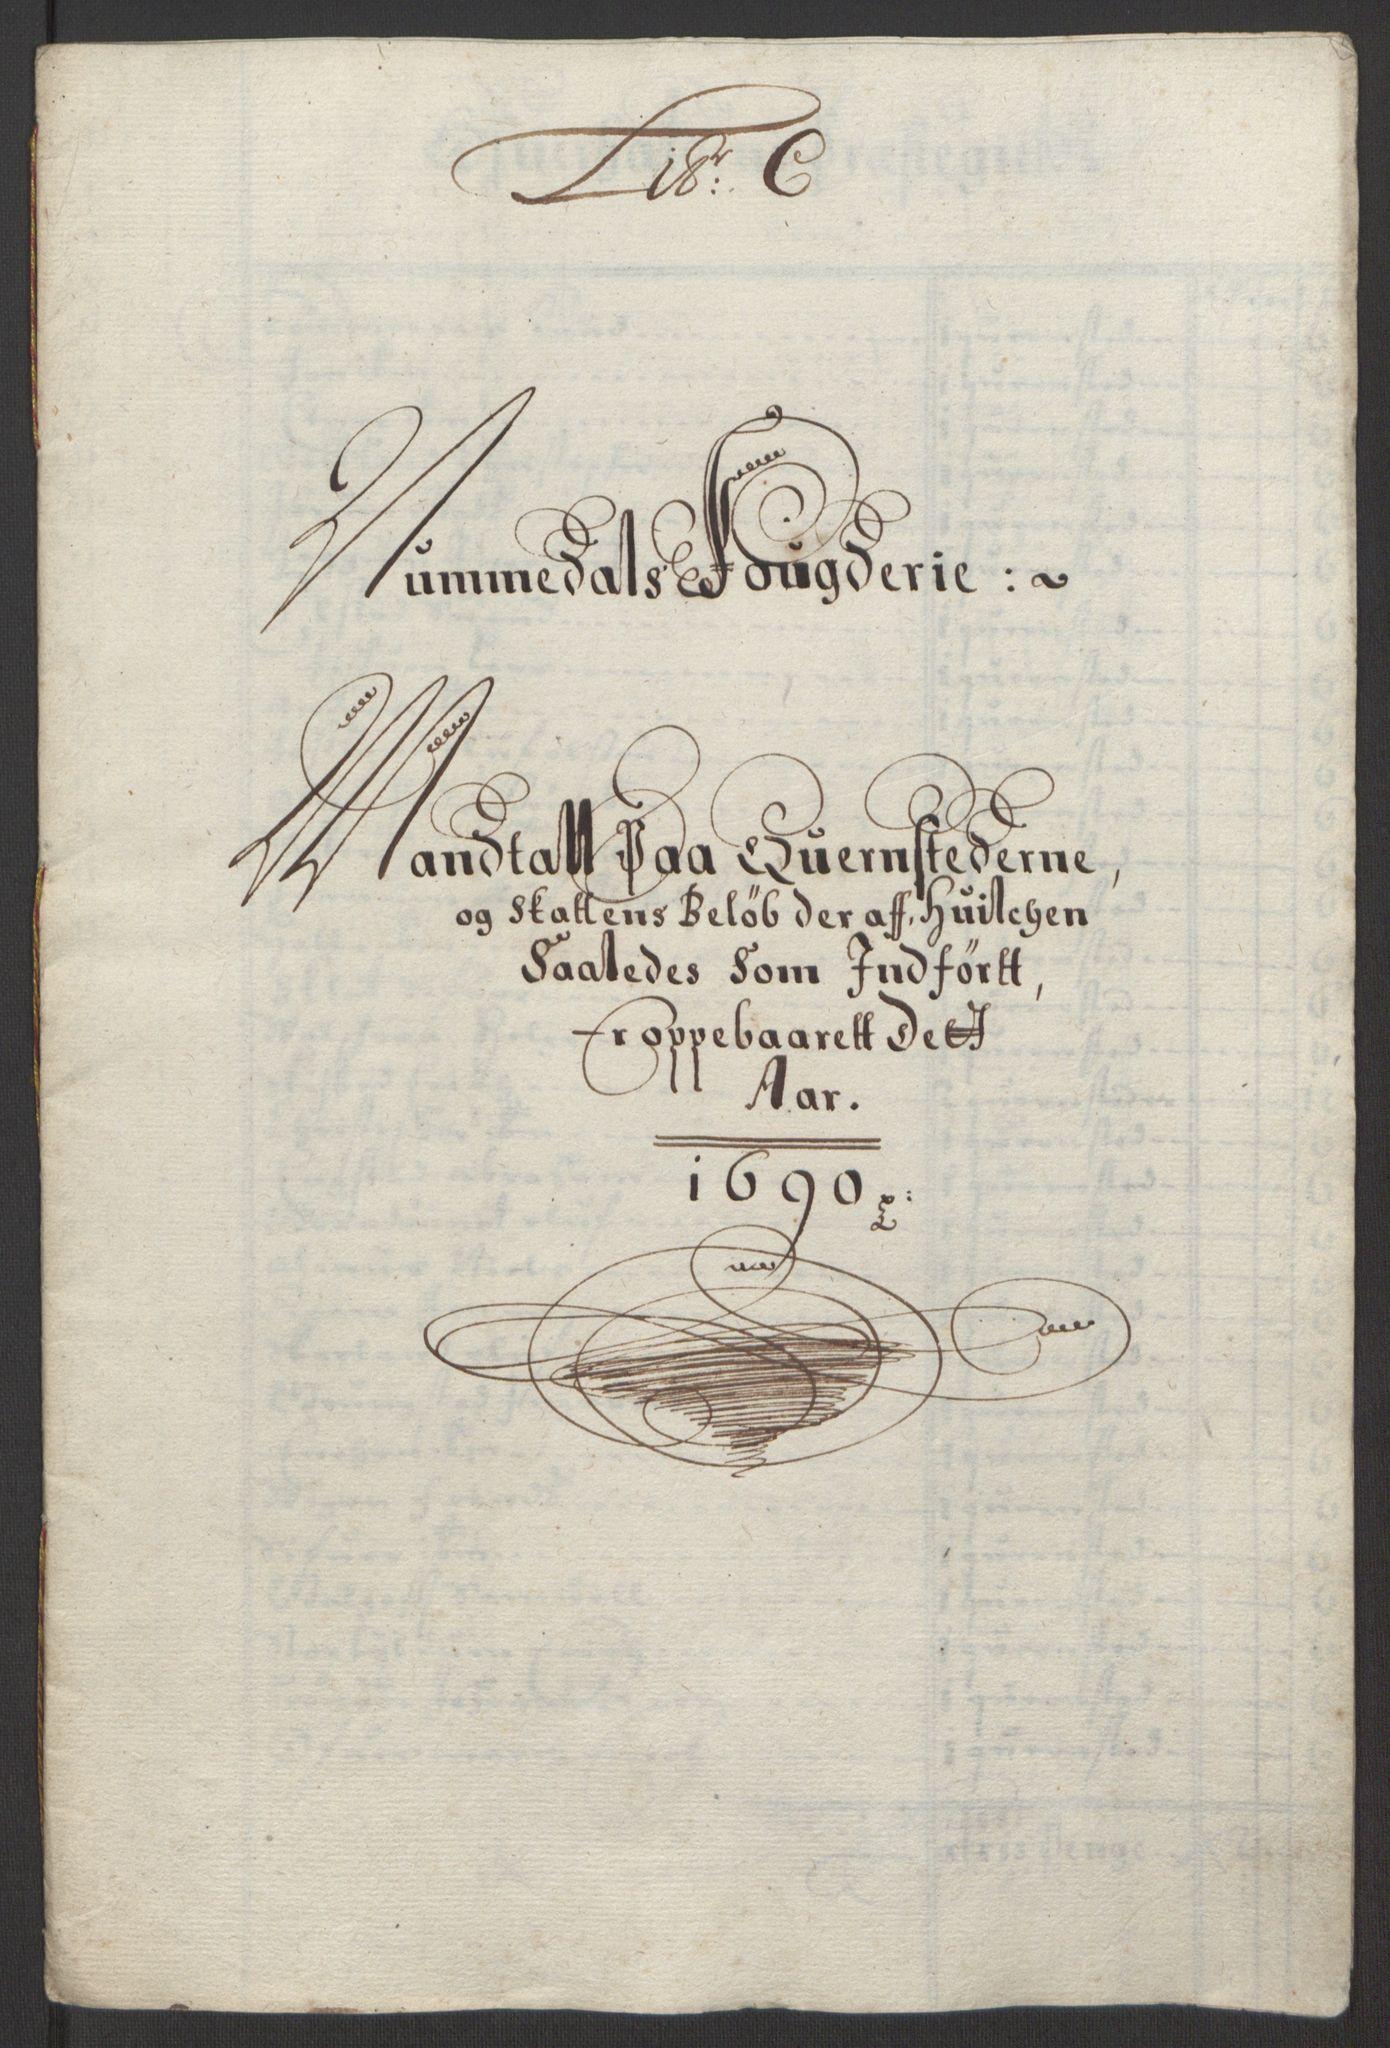 RA, Rentekammeret inntil 1814, Reviderte regnskaper, Fogderegnskap, R64/L4423: Fogderegnskap Namdal, 1690-1691, s. 15